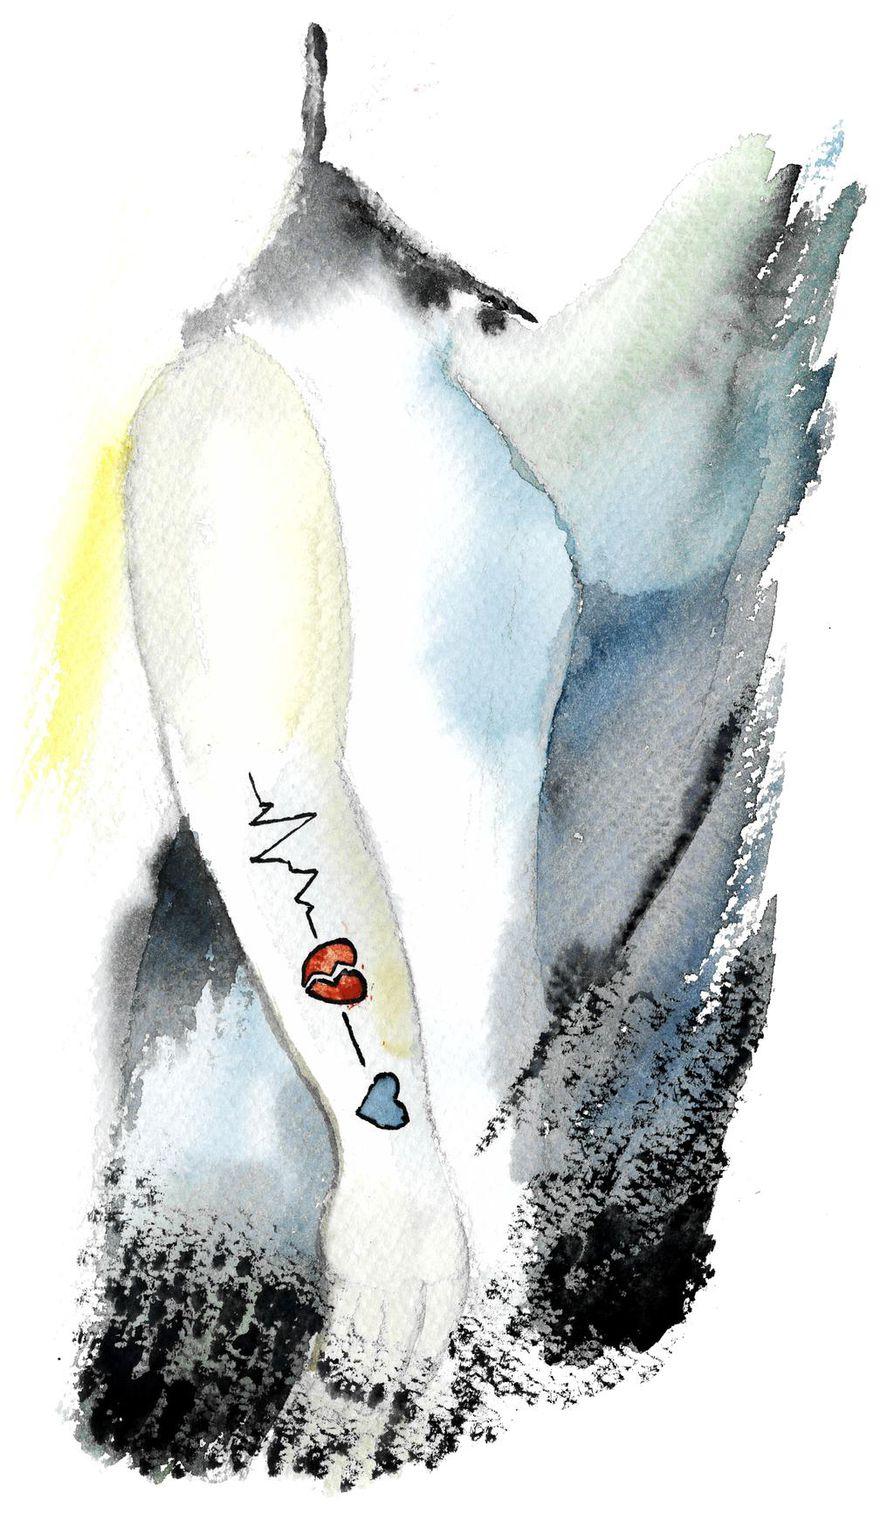 Poika teki itsemurhan 17-vuotiaana marraskuussa 2017. Nyt hänen äitinsä kantaa käsivarressaan tatuointia, jossa sydän on särkynyt  ja toinen muuttuu kylmän siniseksi.